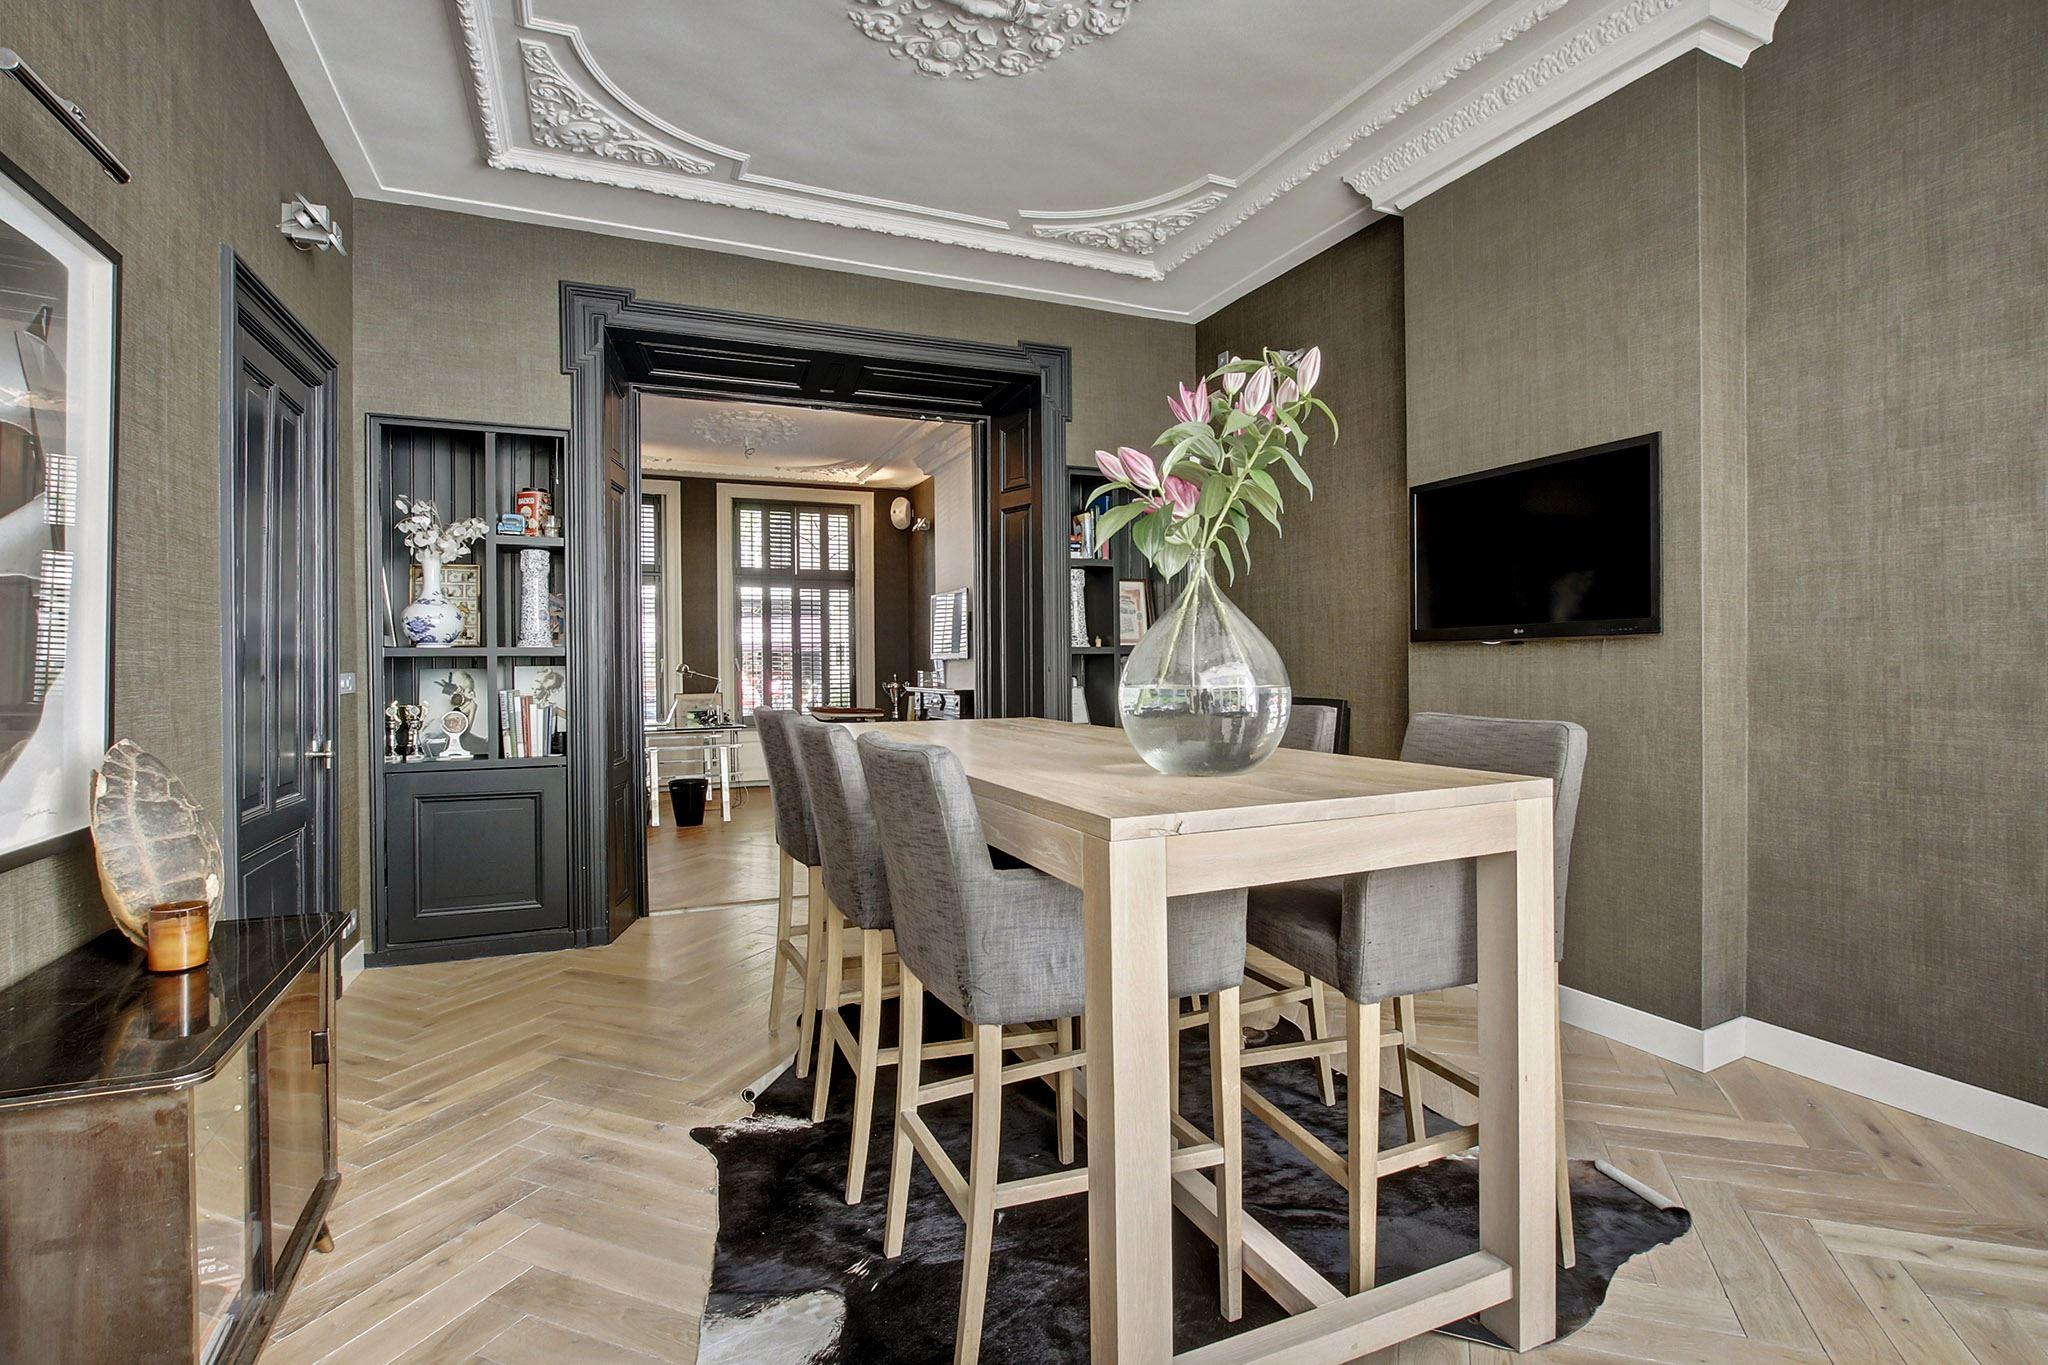 стол барные стулья телевизор паркет елочка лепнина потолочная розетка встроенный стеллаж